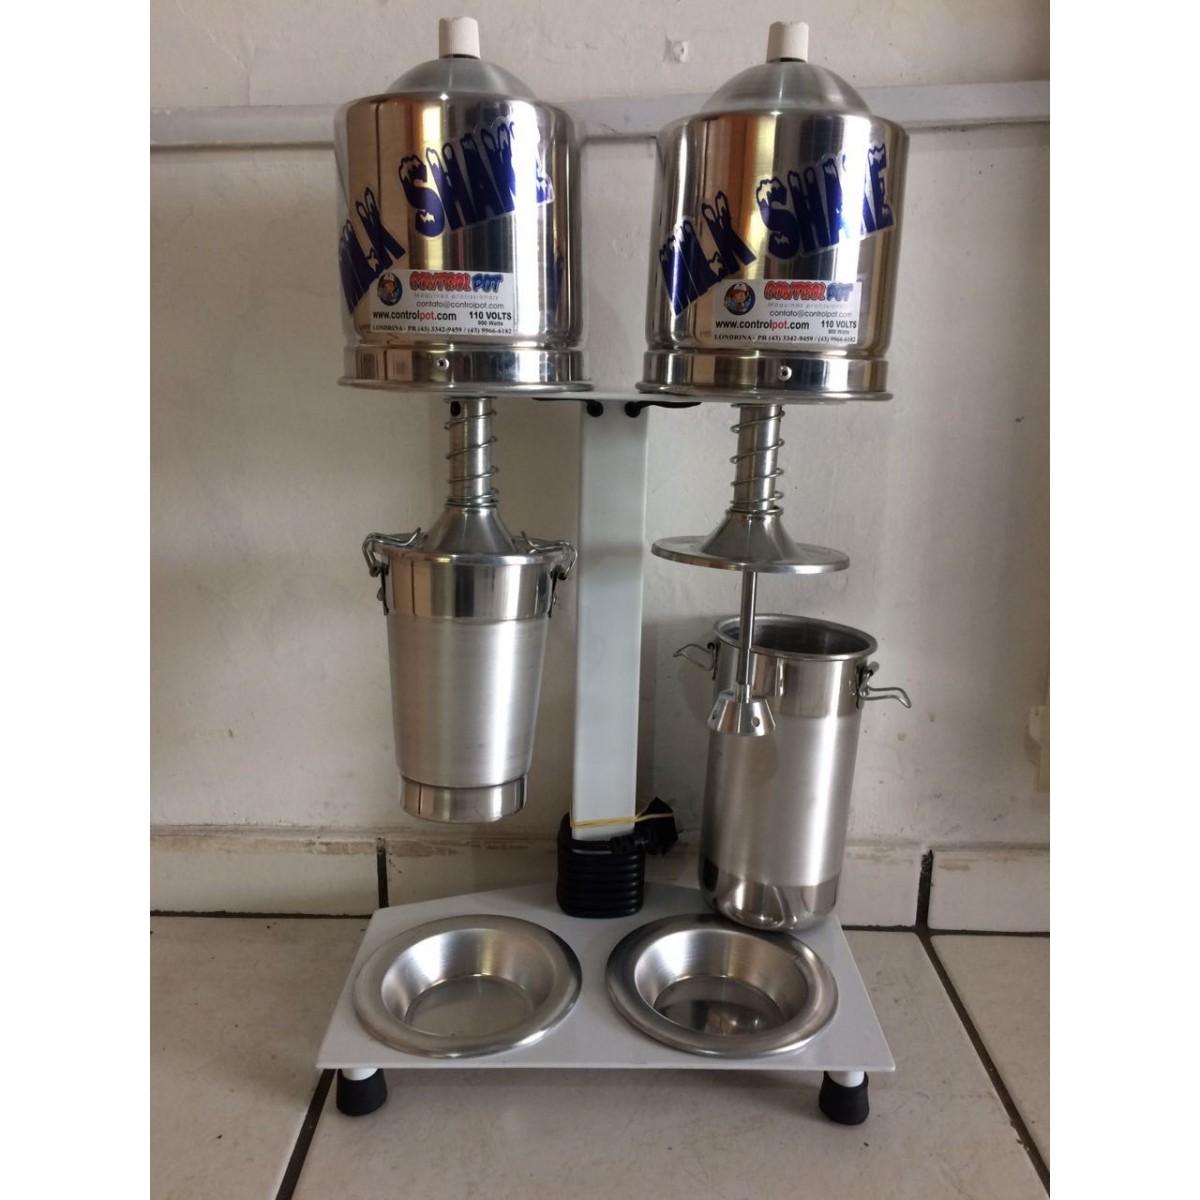 Maquina Milk Shake Profissional Sd 2014 Dupla Balcão 900watt  - controlpot Maquinas e Batedores Milk Shake